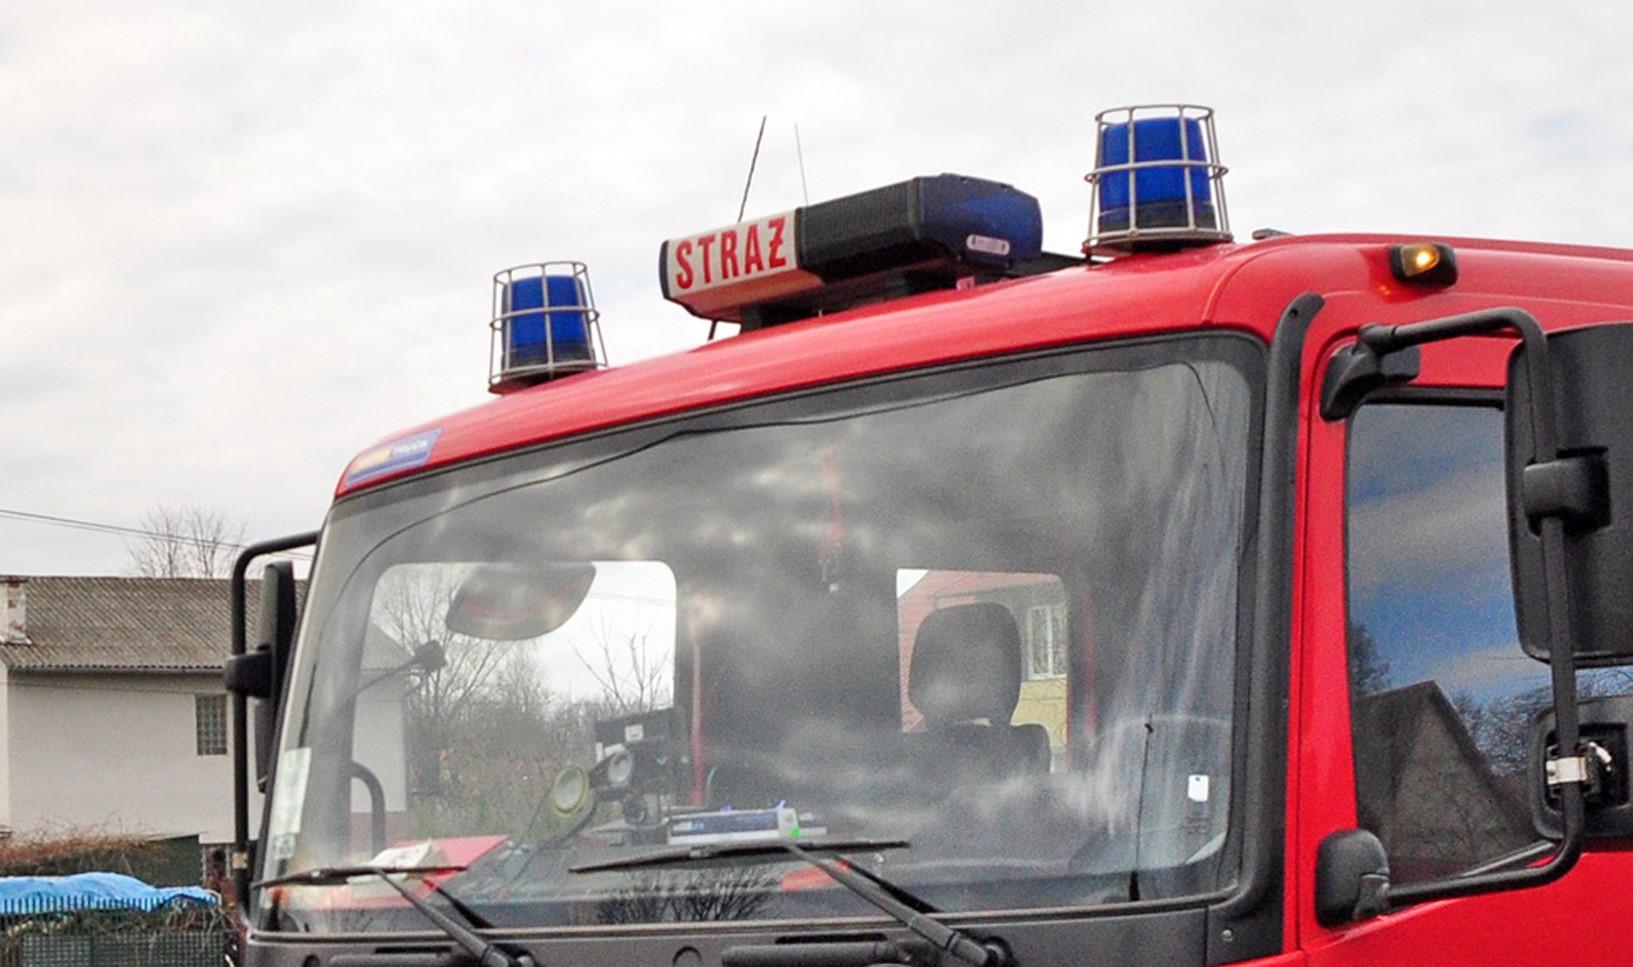 Wybuchł pożar w szkole. Na miejscu pracowało 7 zastępów straży - Zdjęcie główne